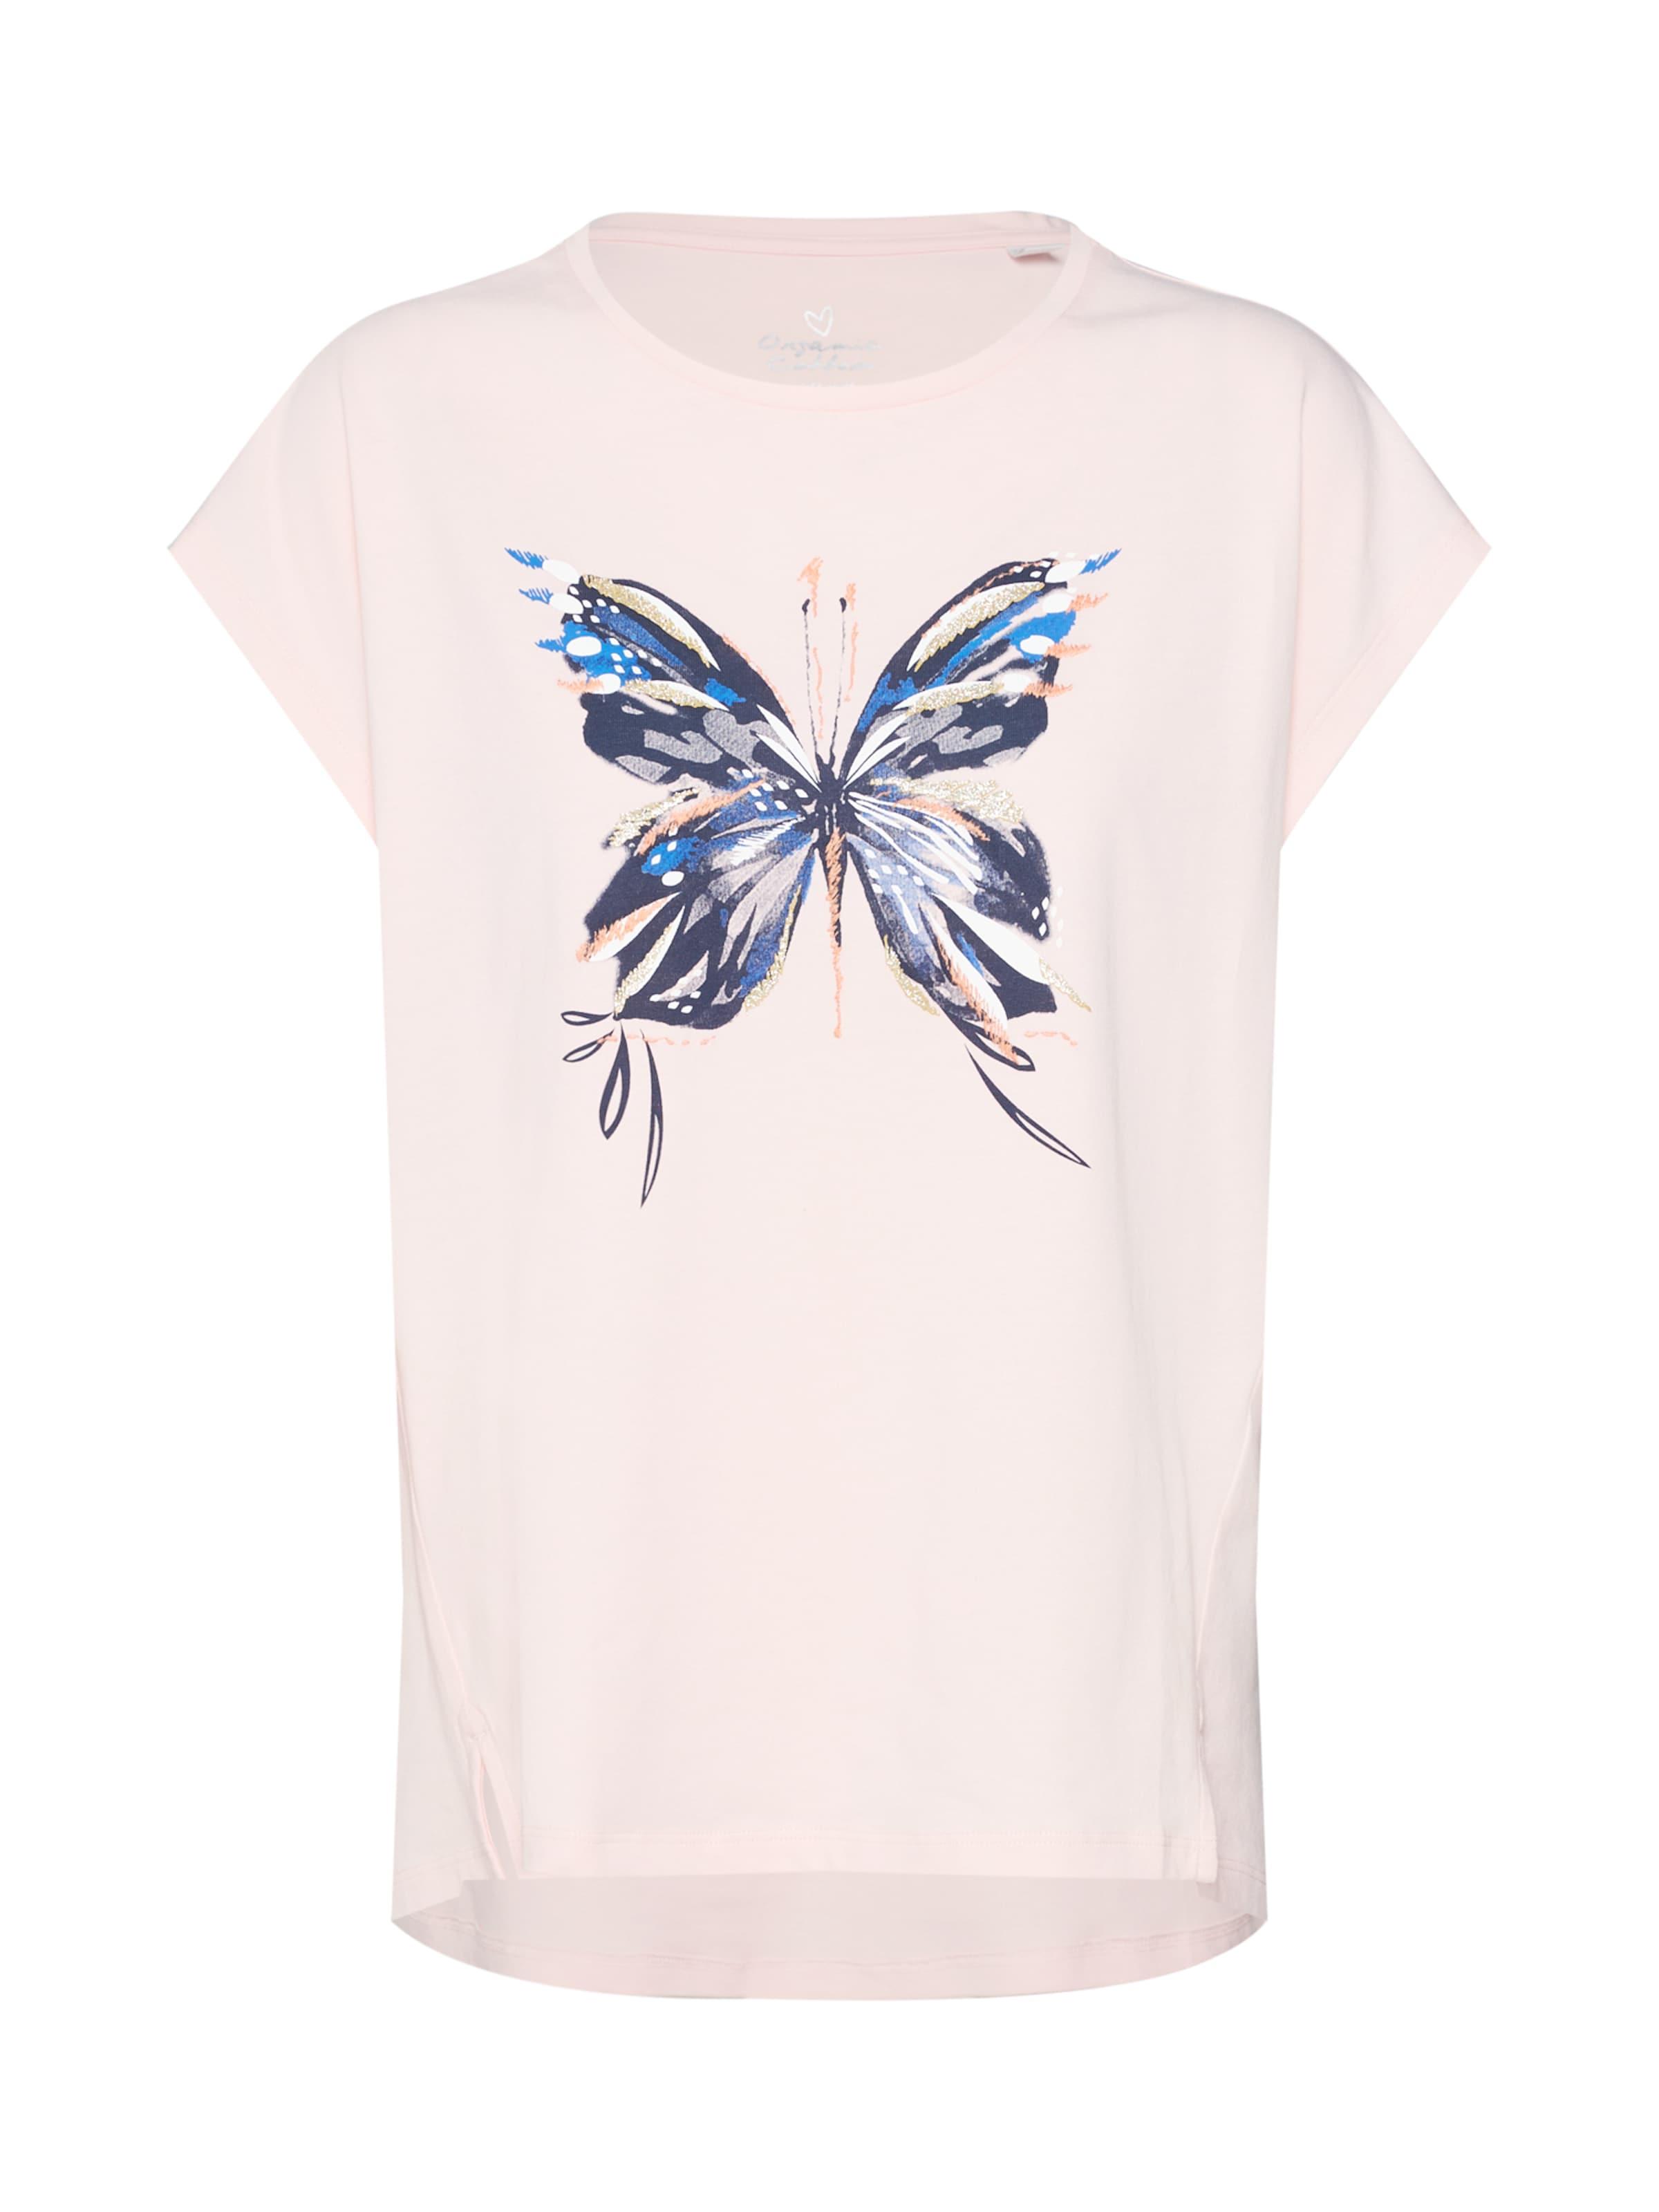 'ocs Shirt T' Butterfly Rosa In Esprit 8Xn0NkwOP